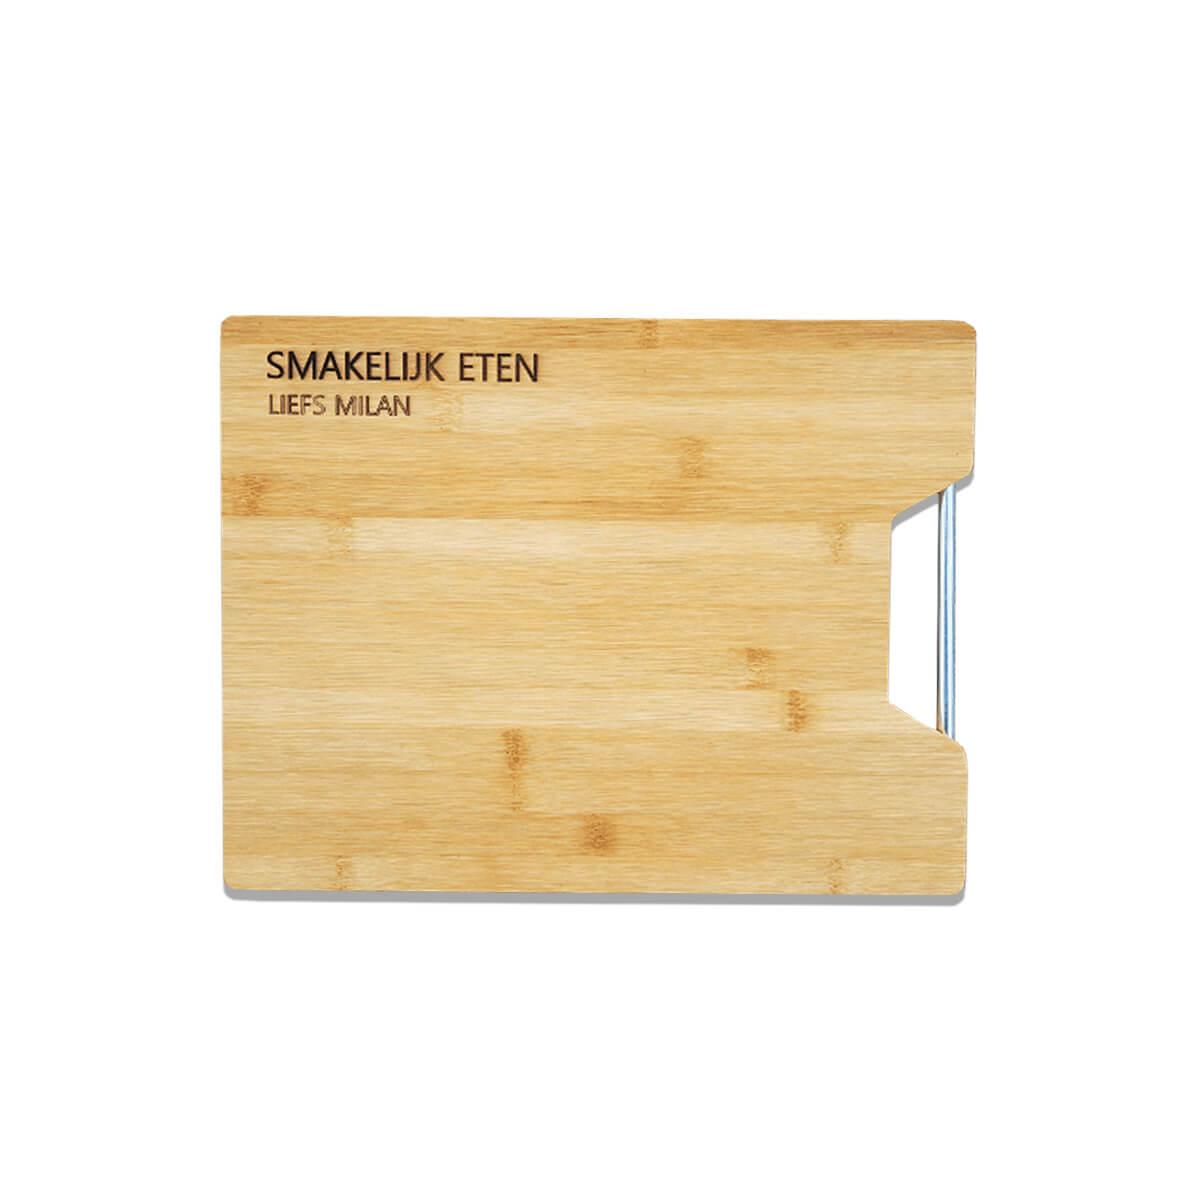 Bamboe houten tapasplank met personalisatie